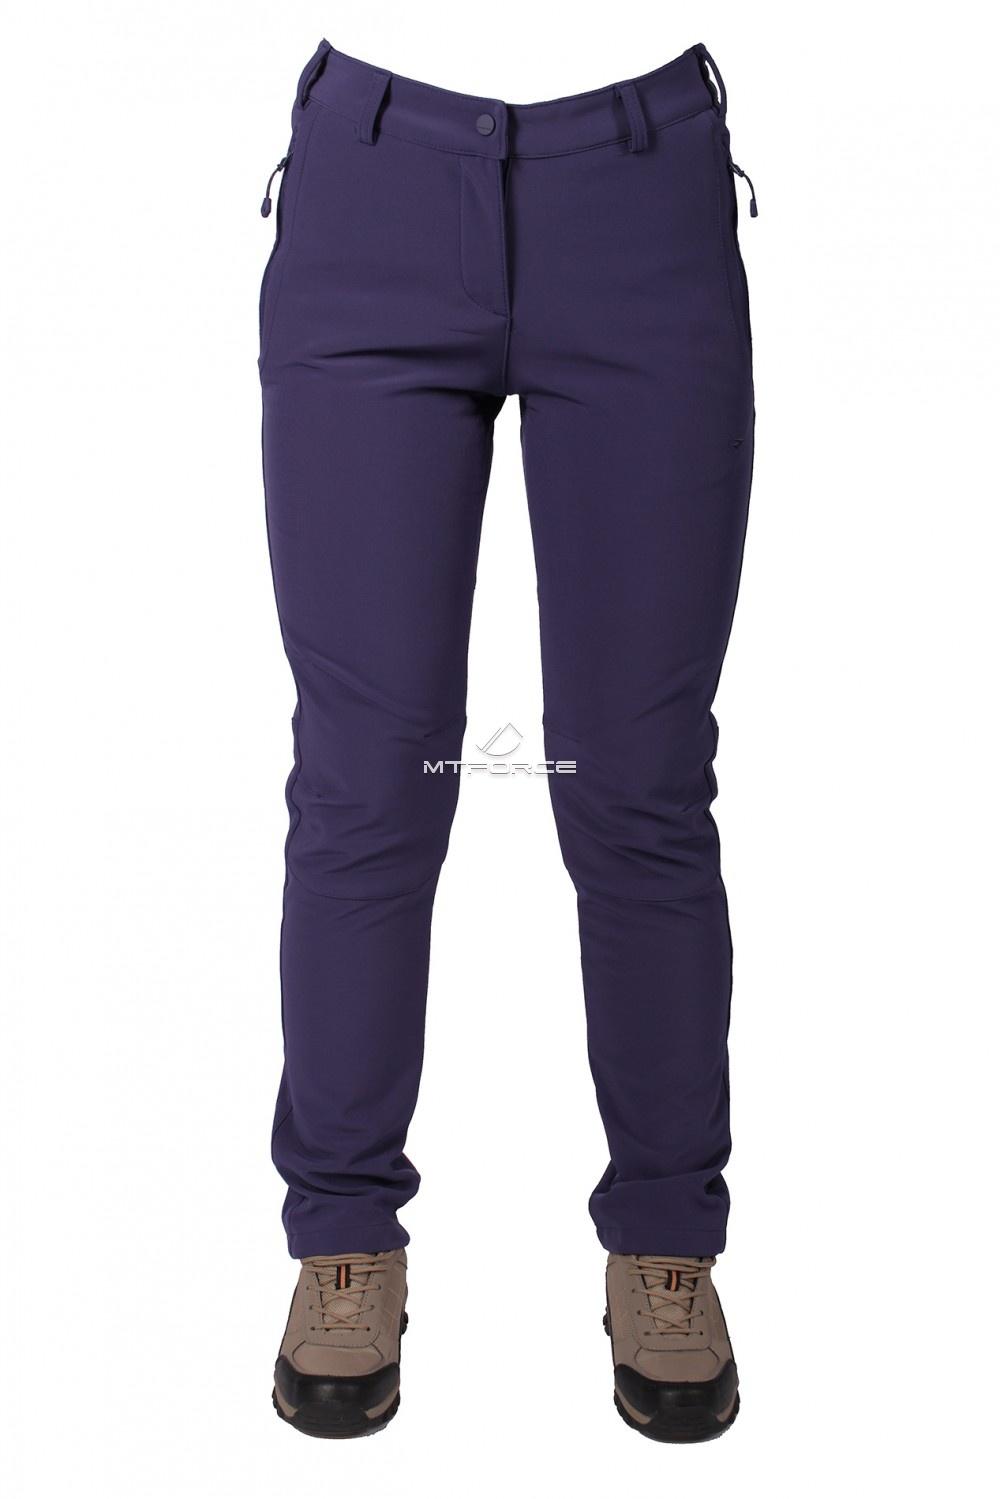 Купить оптом Брюки виндстопер женские фиолетового цвета  3820F в Новосибирске